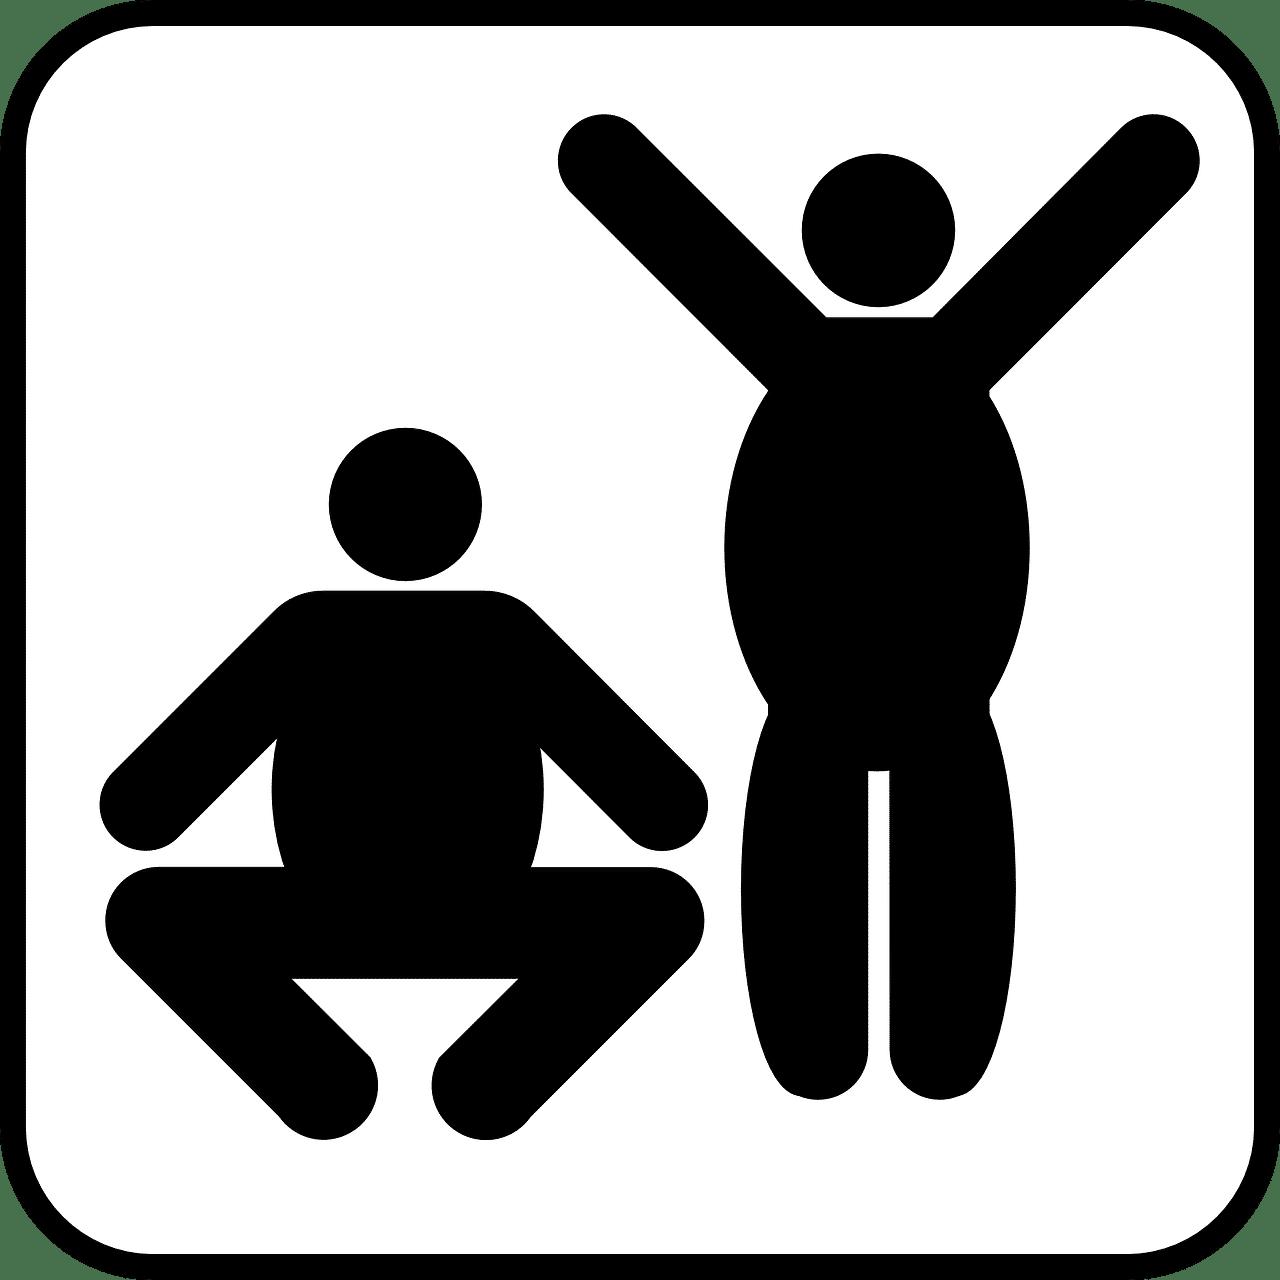 https://pixabay.com/vectors/men-fat-two-sport-gymnastic-311210/